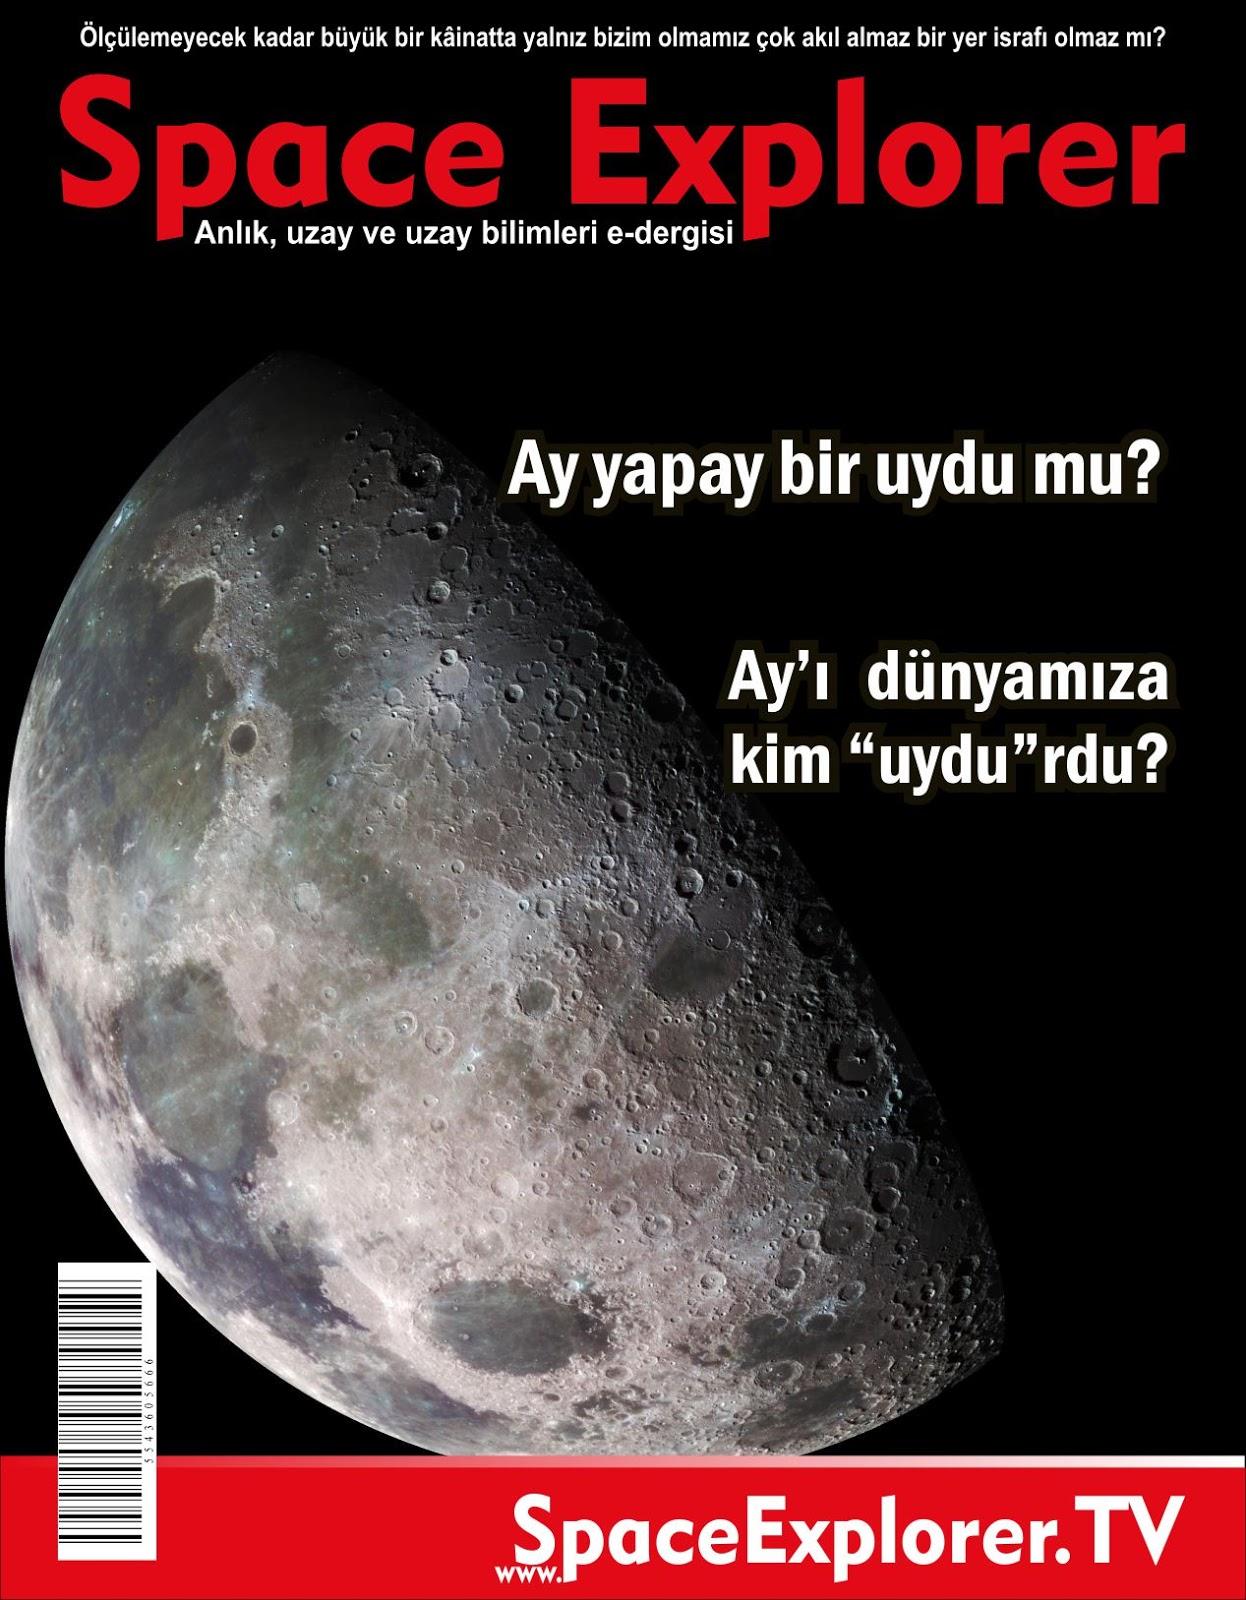 """Ay yapay bir uydu mu? Ay'ı dünyamıza kim """"uydu""""rdu?"""